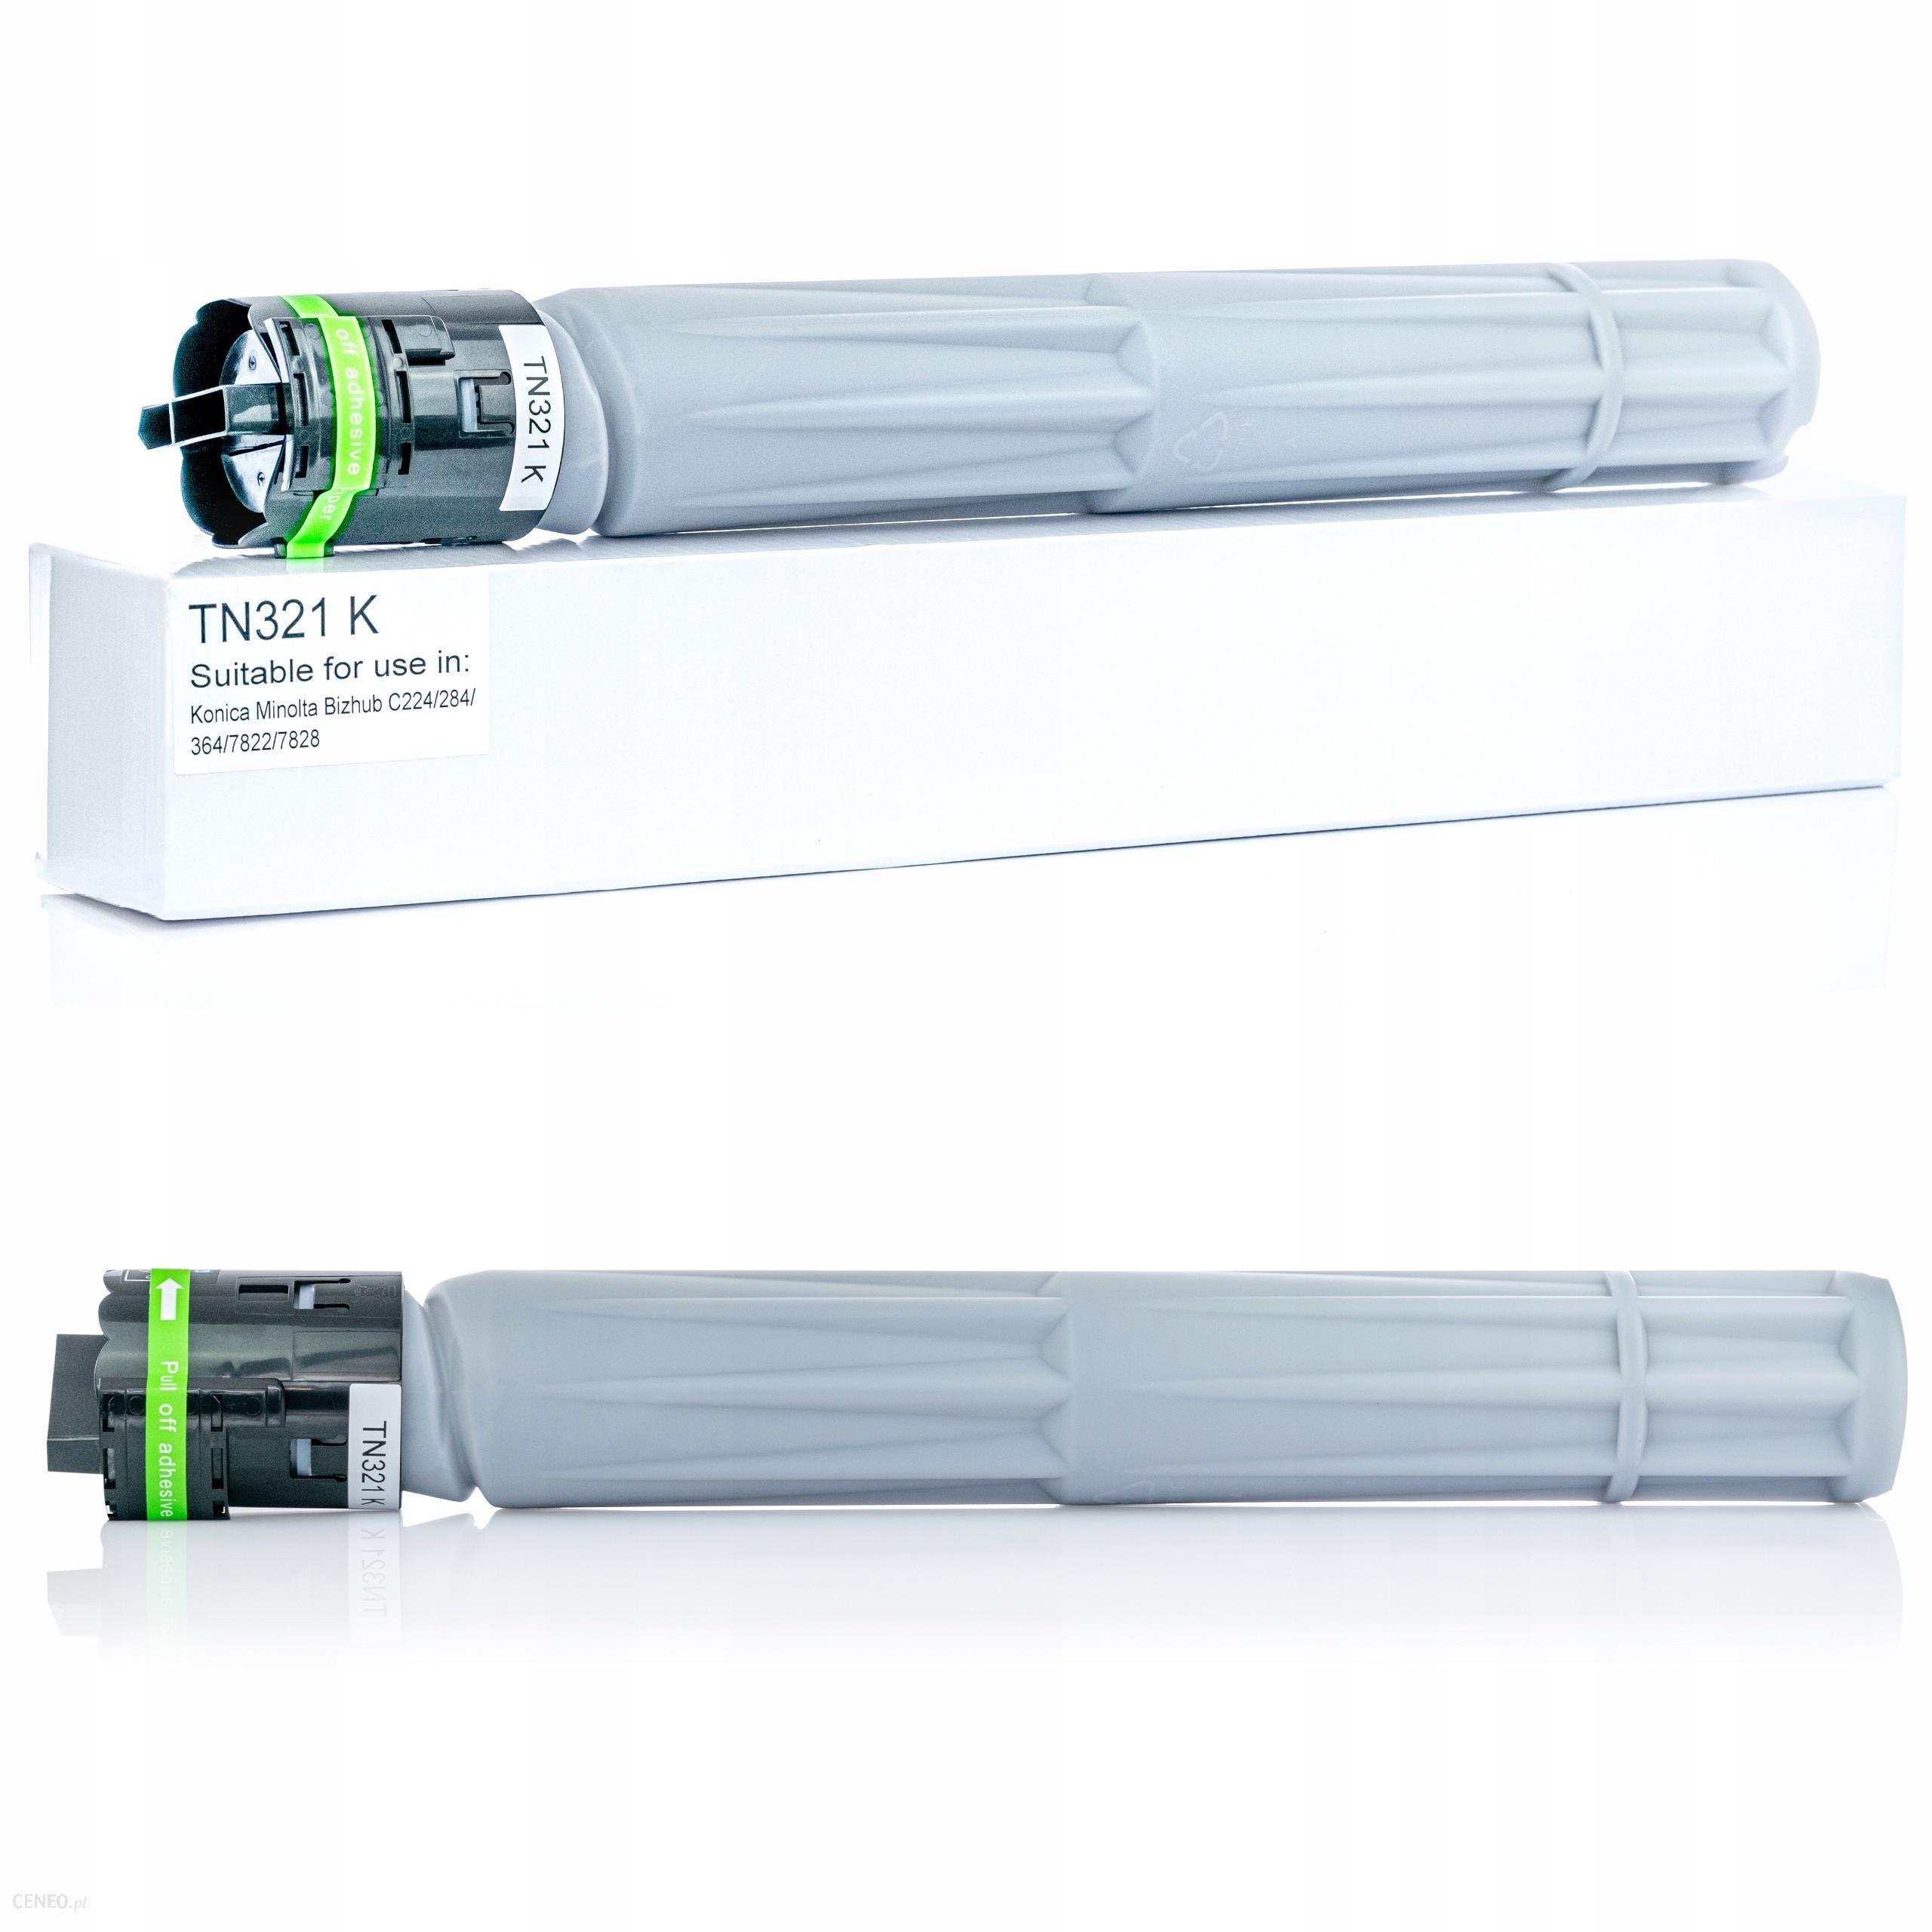 Toner Do Konica Minolta C224e C284 C364e TN321K